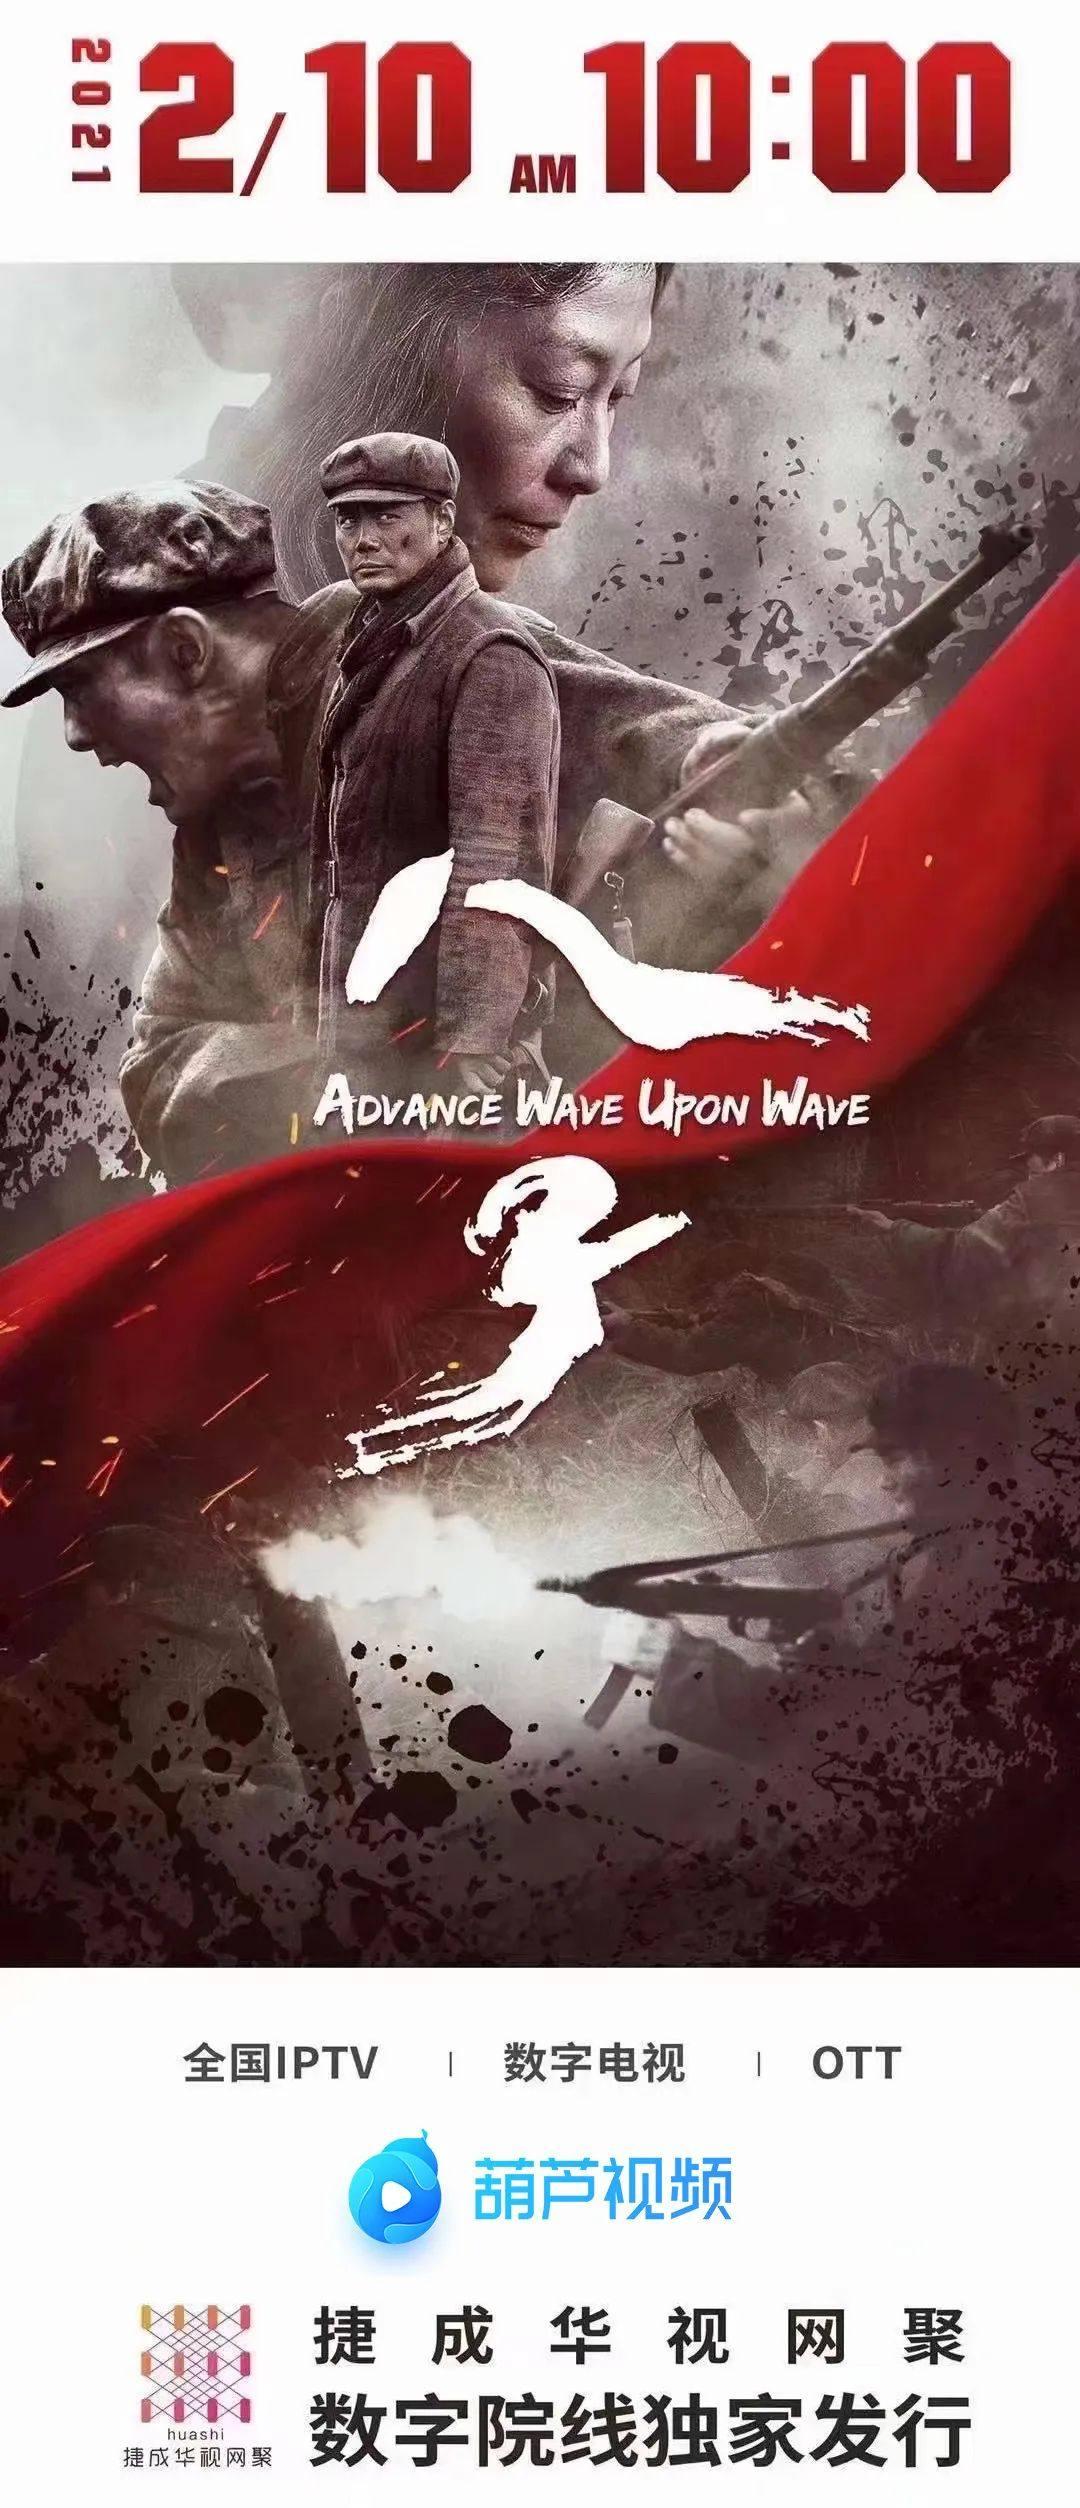 国人必看血性抗战电影!葫芦视频全网首发《八子》